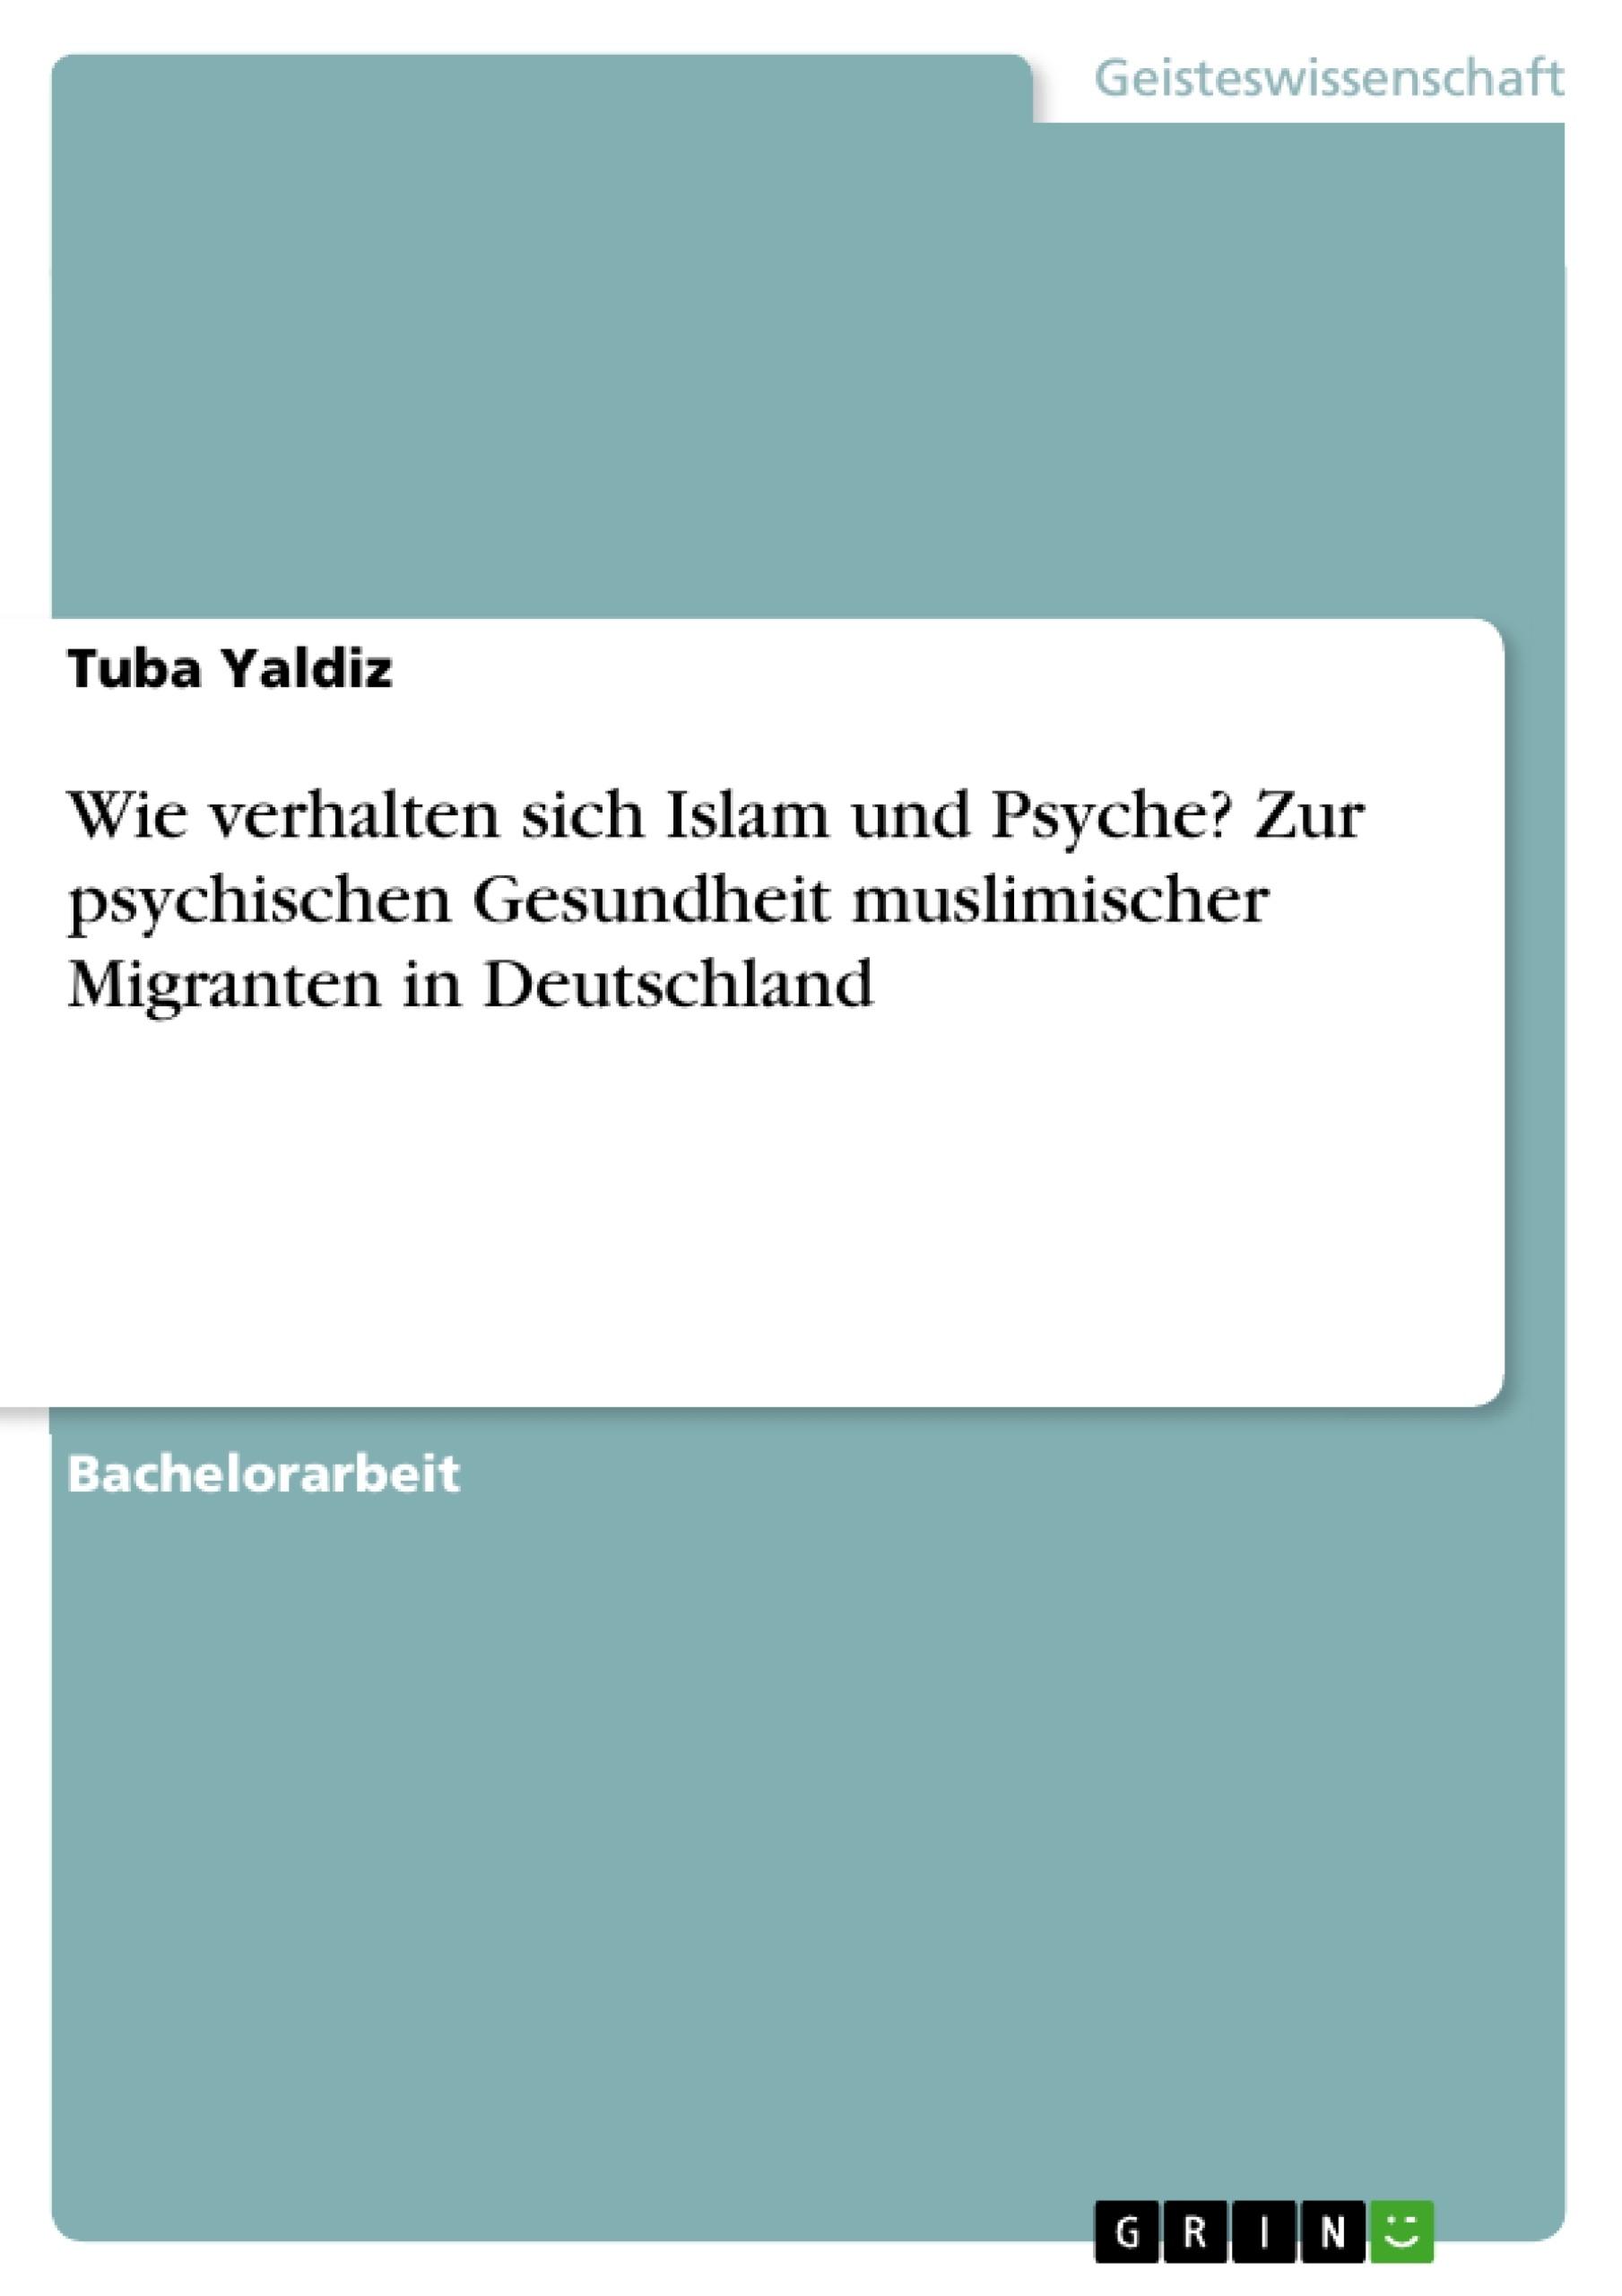 Titel: Wie verhalten sich Islam und Psyche? Zur psychischen Gesundheit muslimischer Migranten in Deutschland